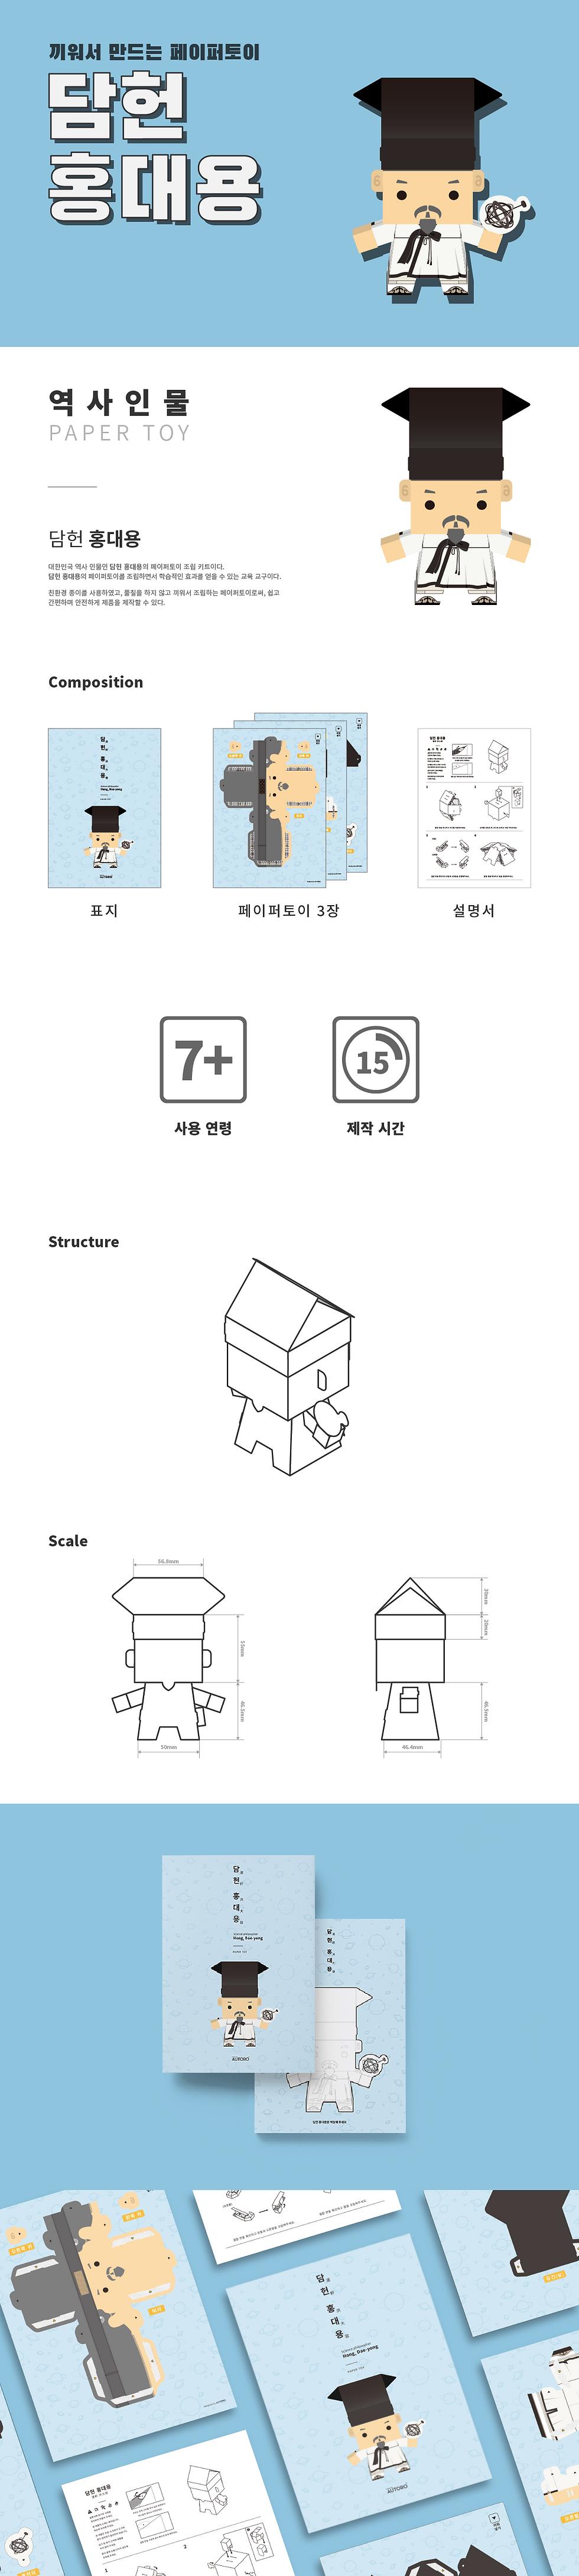 01-17. 담헌 홍대용_비접착_상세페이지.png